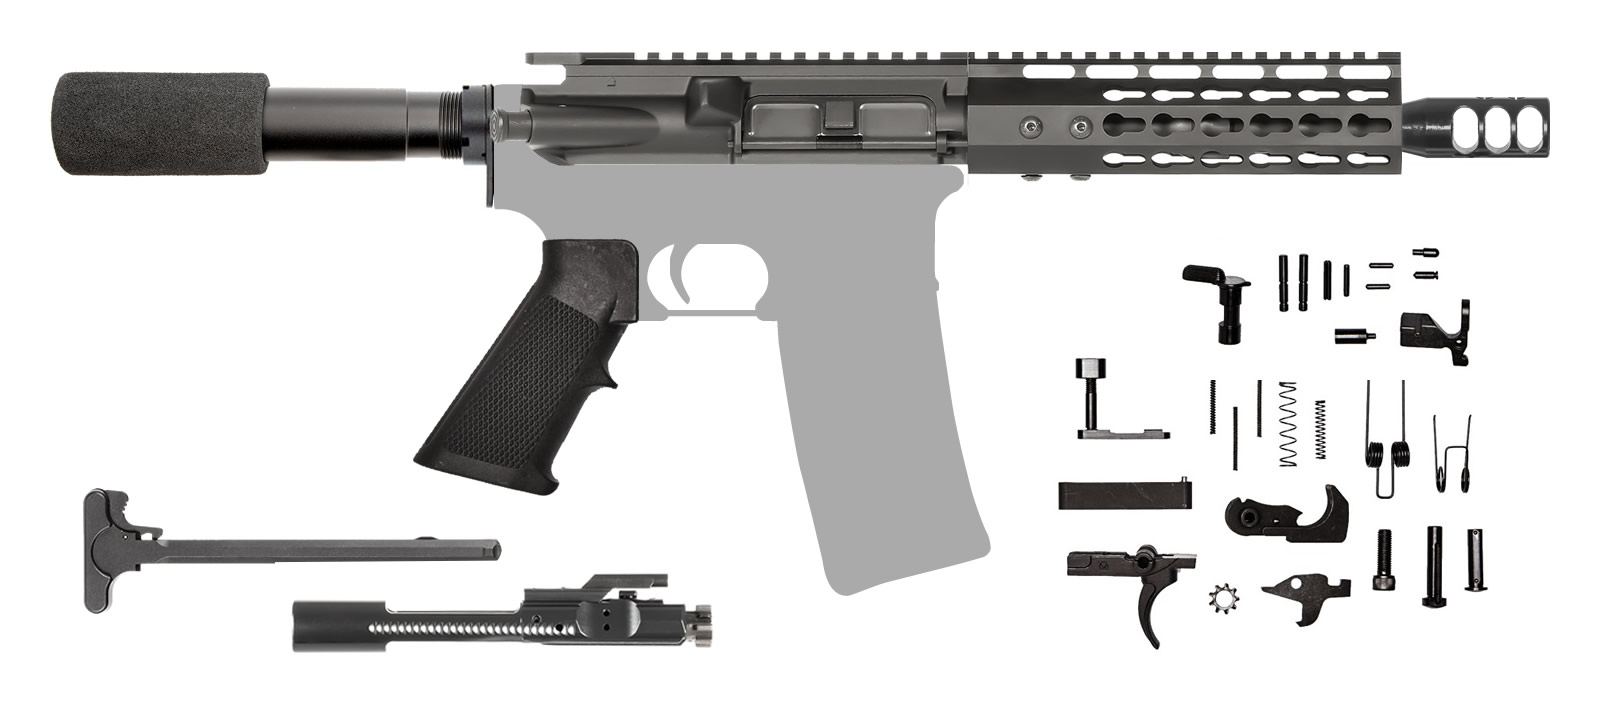 AR-15 AR Pistol Kit 300 AAC Blackout Keymod